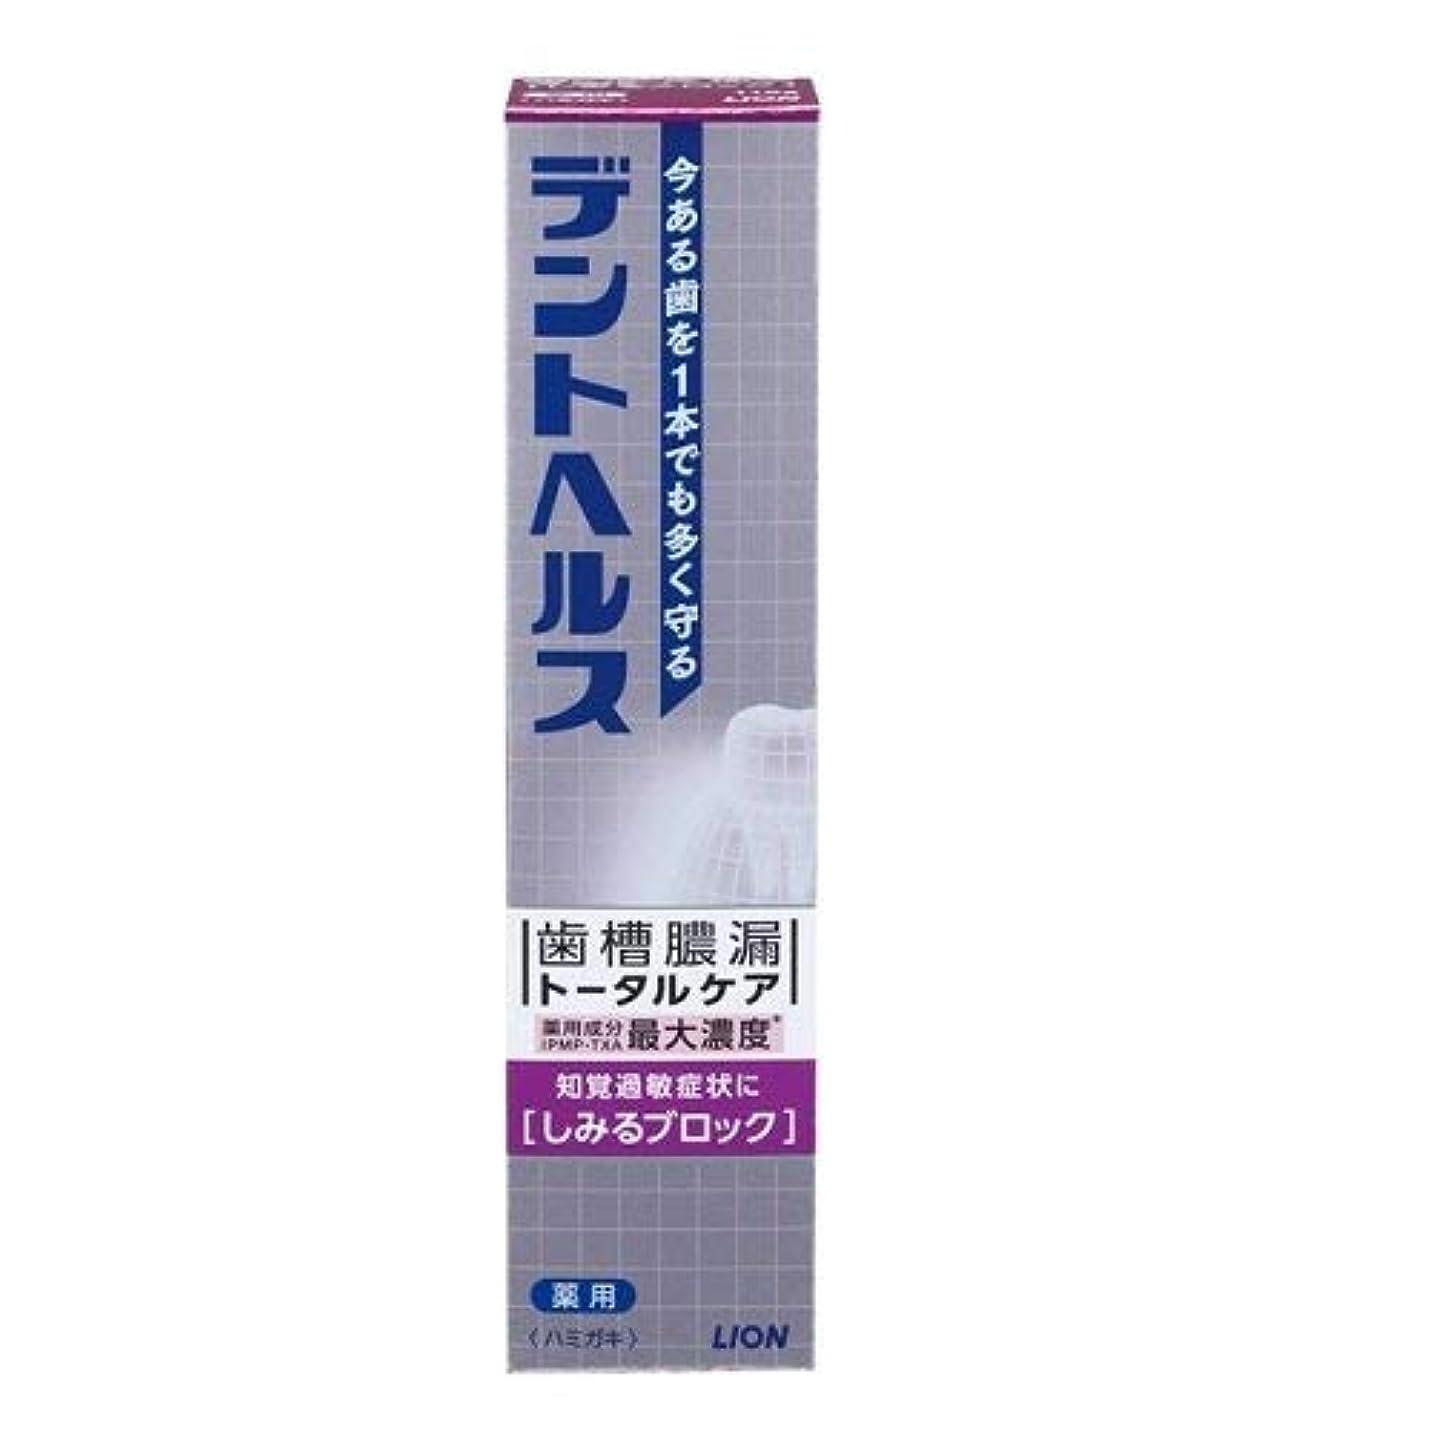 うなり声絞る絡み合いライオン デントヘルス薬用ハミガキしみるブロック 115g (医薬部外品)× 4